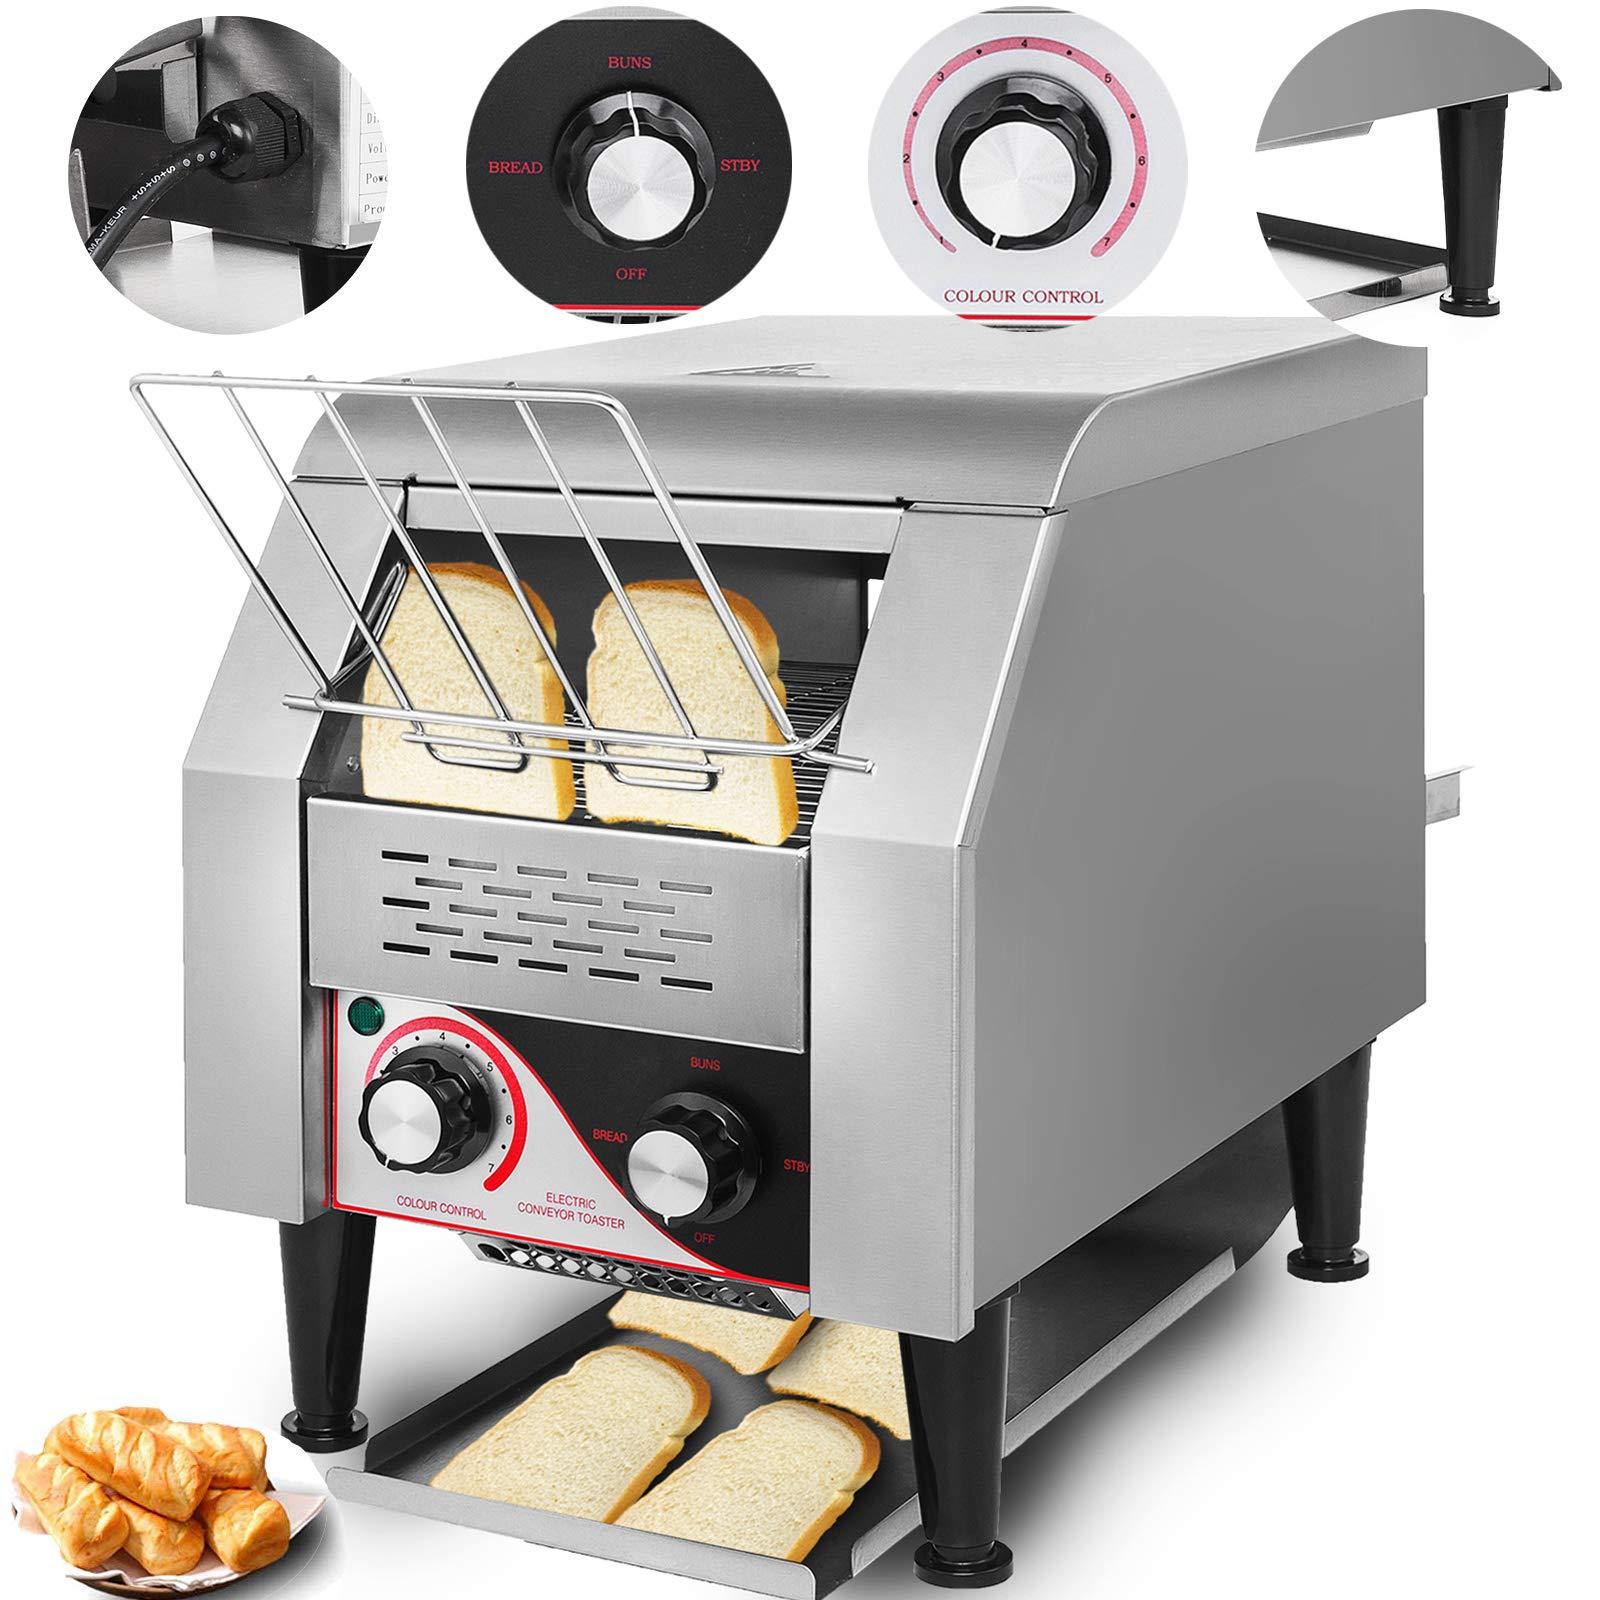 VEVOR 110V Commercial Conveyor Toaster 150PCs per Hour 1350W Heavy Duty Stainless Steel for Restaurant Breakfast, Sliver by VEVOR